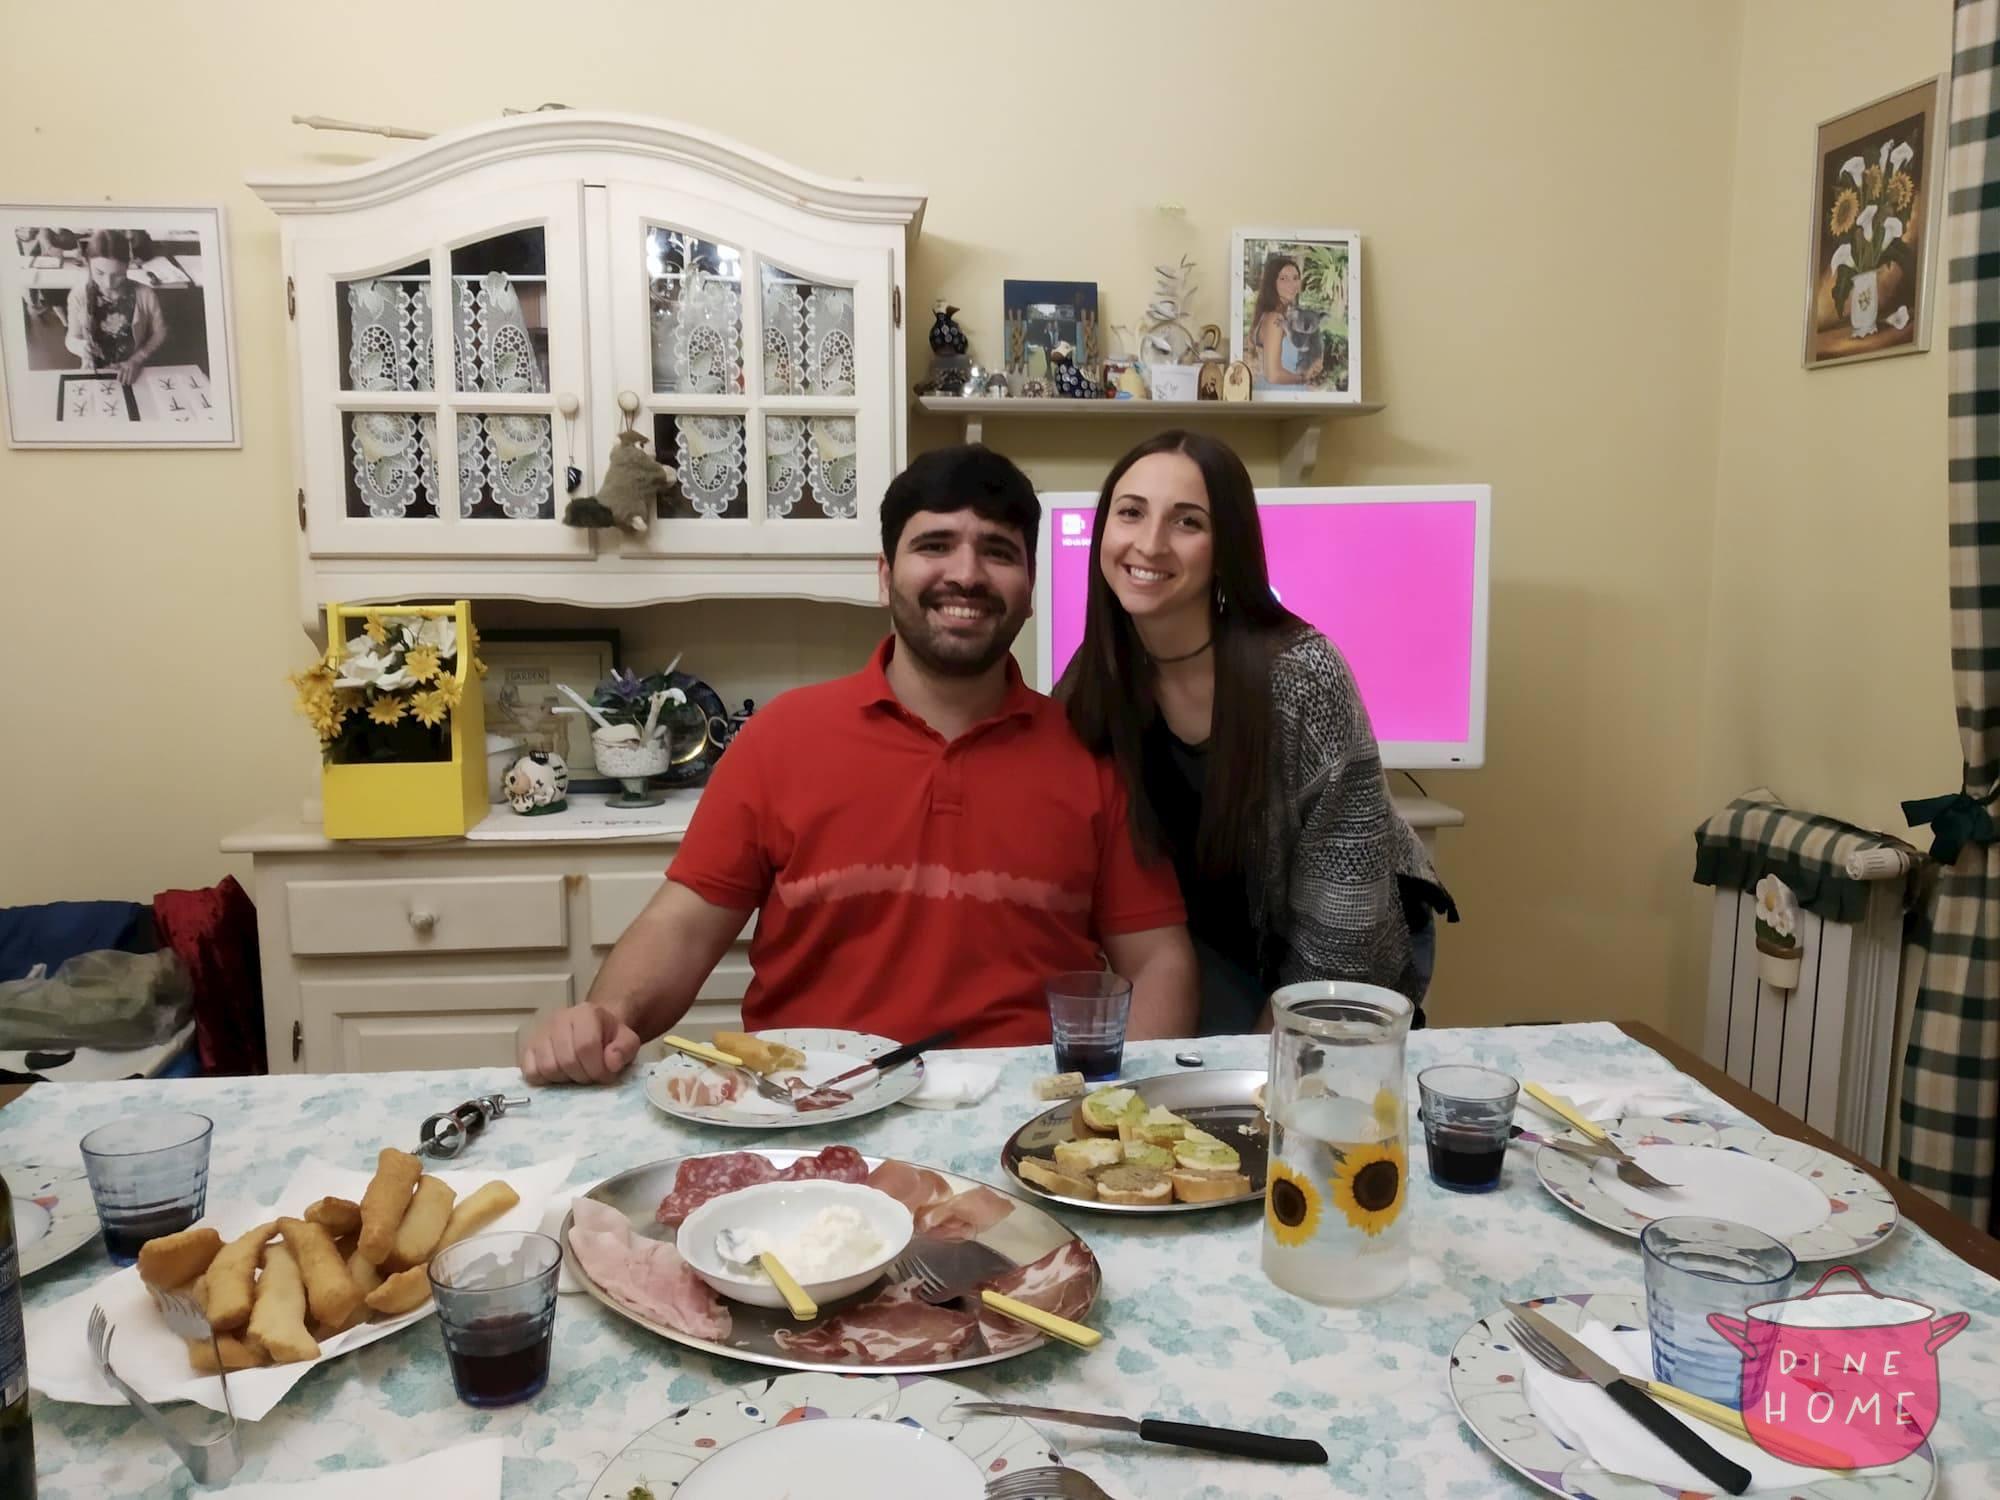 Lucas, studente dal Brazile, a cena dalla sua famiglia Dinehome.